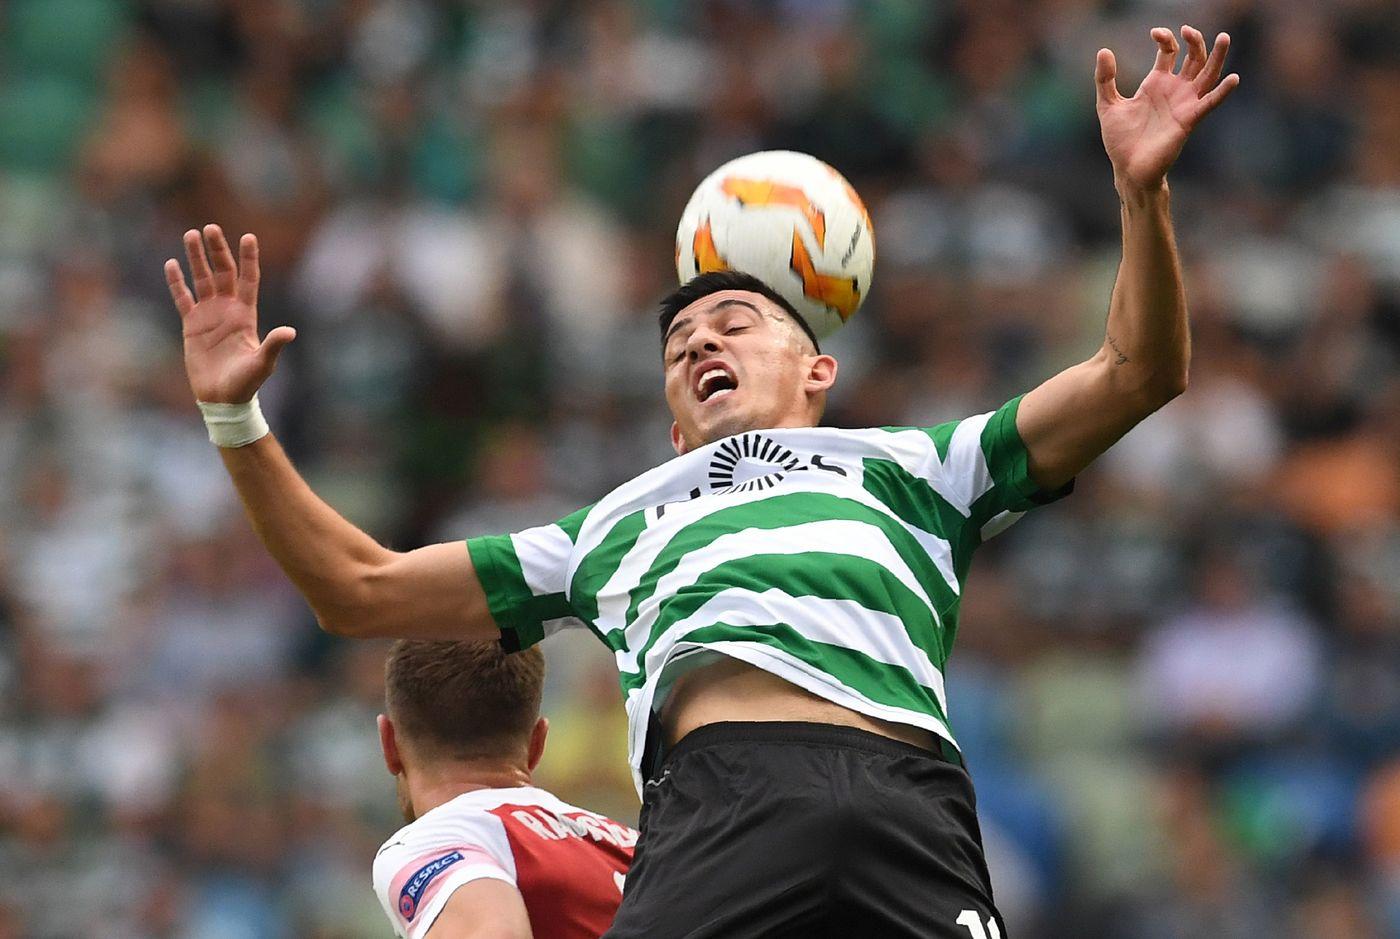 Calendario Campionato Portoghese.Portogallo Primeira Liga Pronostici 18 Agosto Sporting